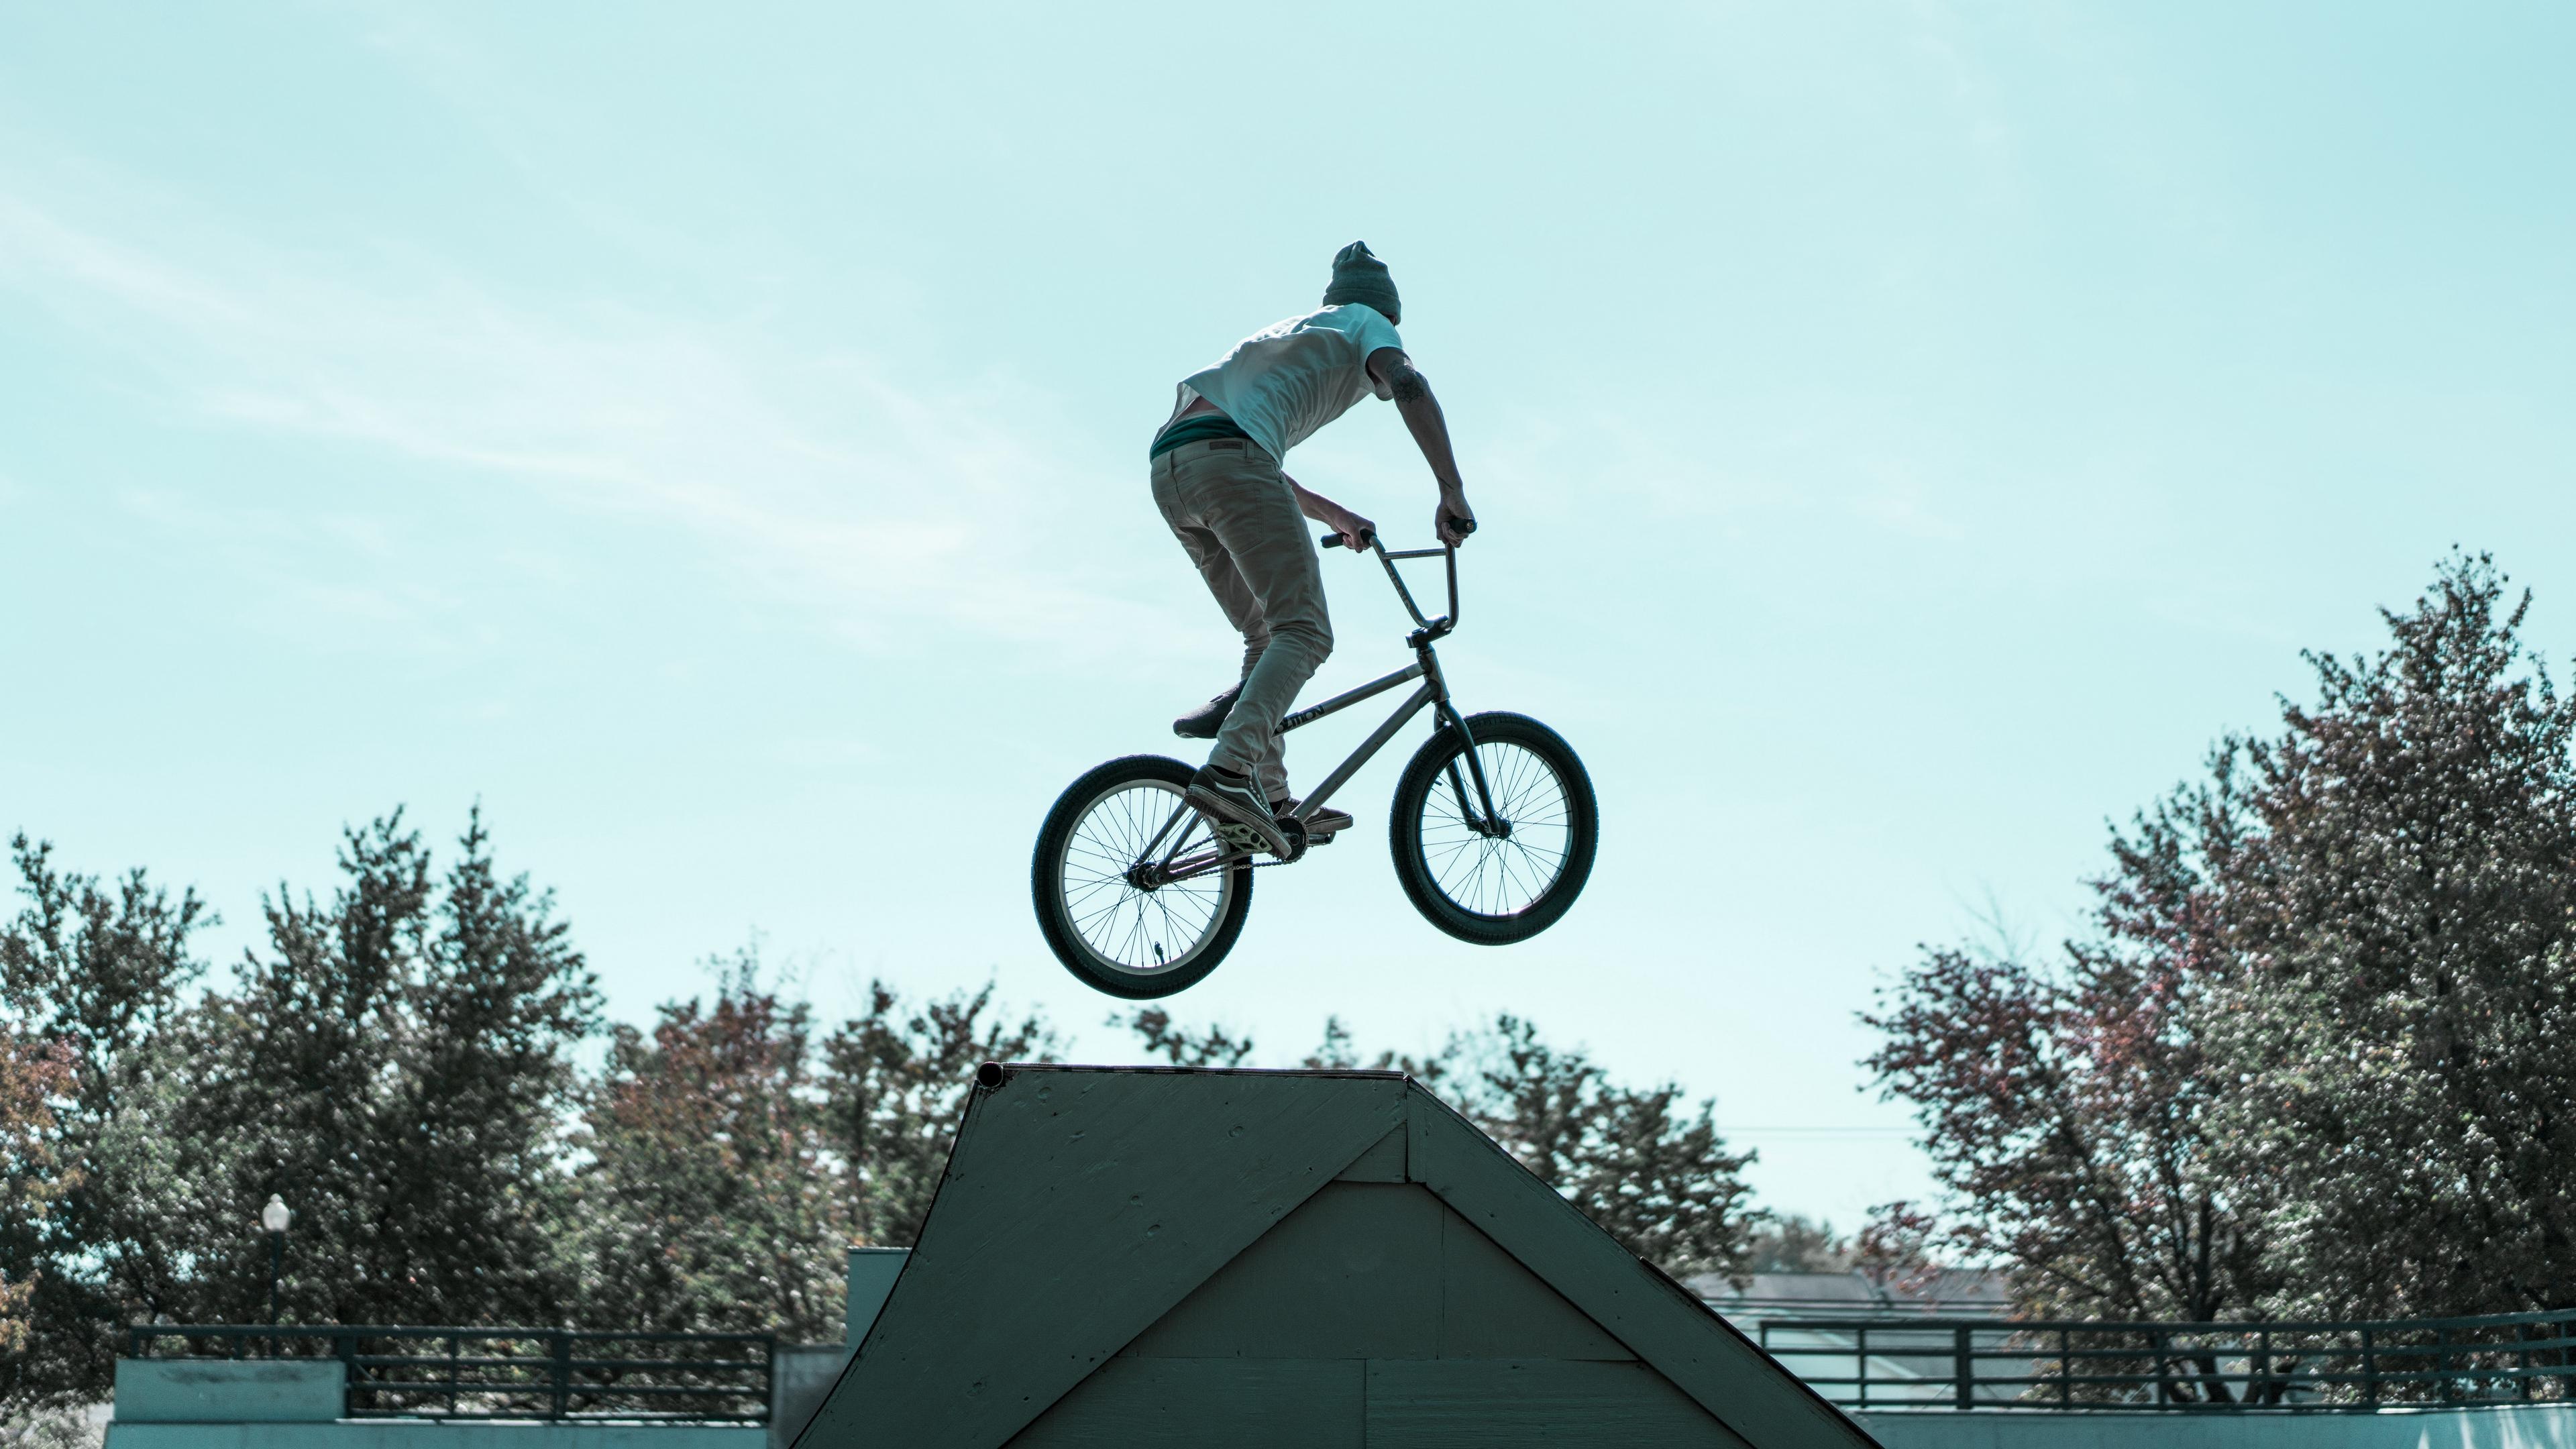 biker trick jump 4k 1540063072 - biker, trick, jump 4k - trick, jump, Biker